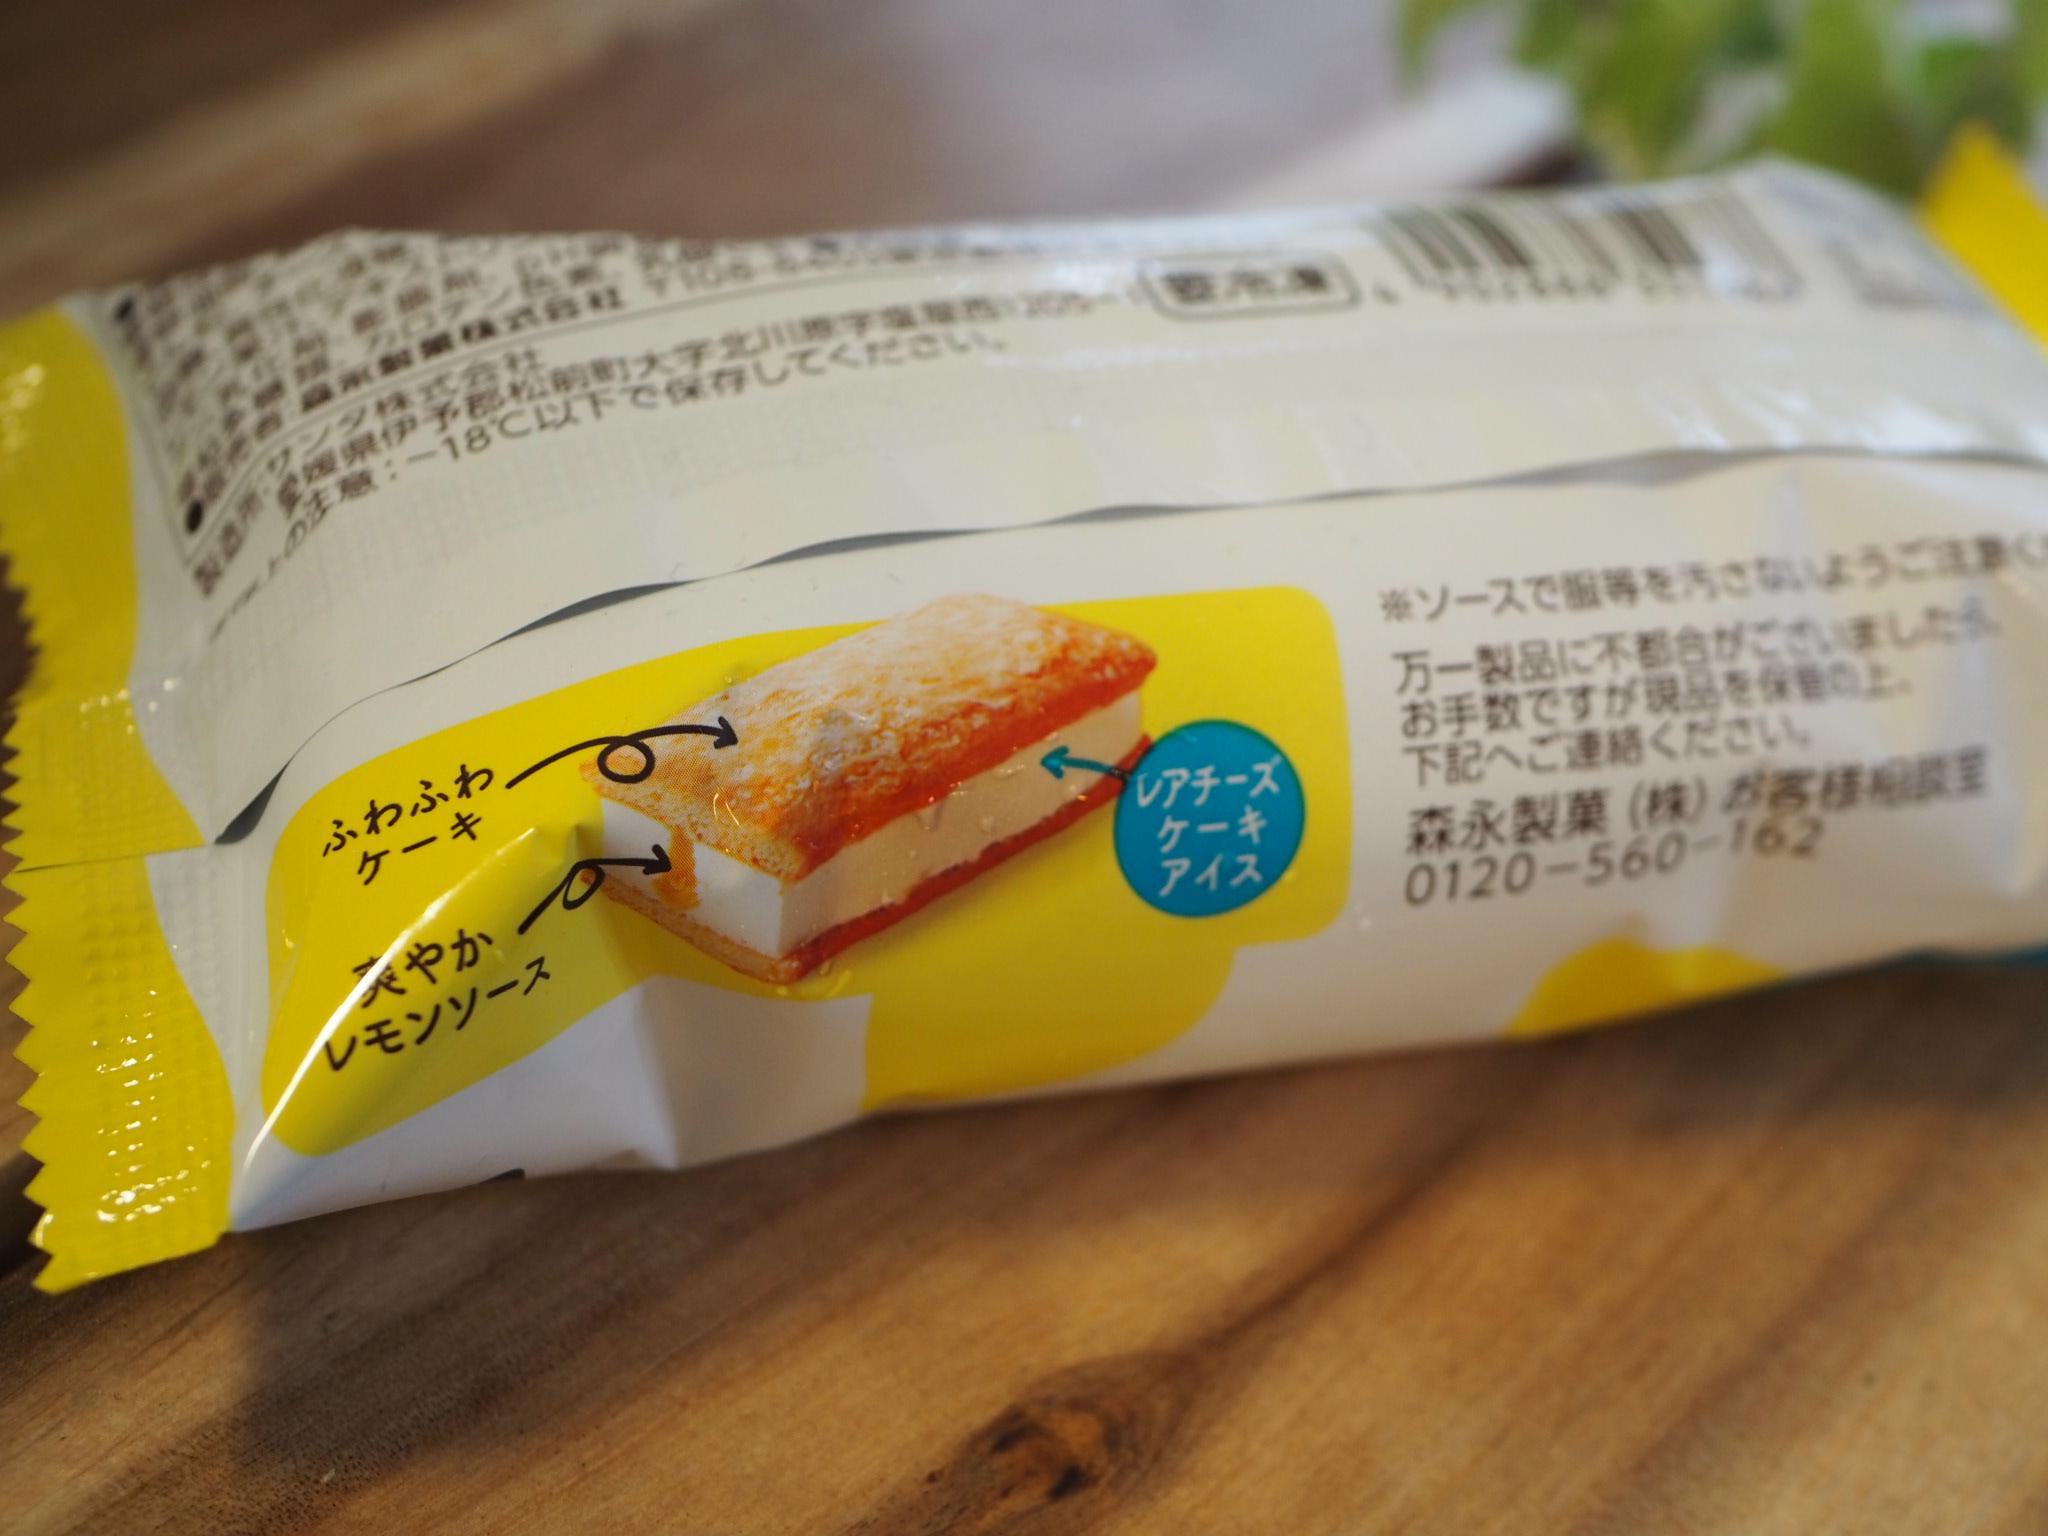 【おすすめアイス】一度は食べて!ファミマ限定アイス《ふわっふわケーキサンド》が美味しい♡_3